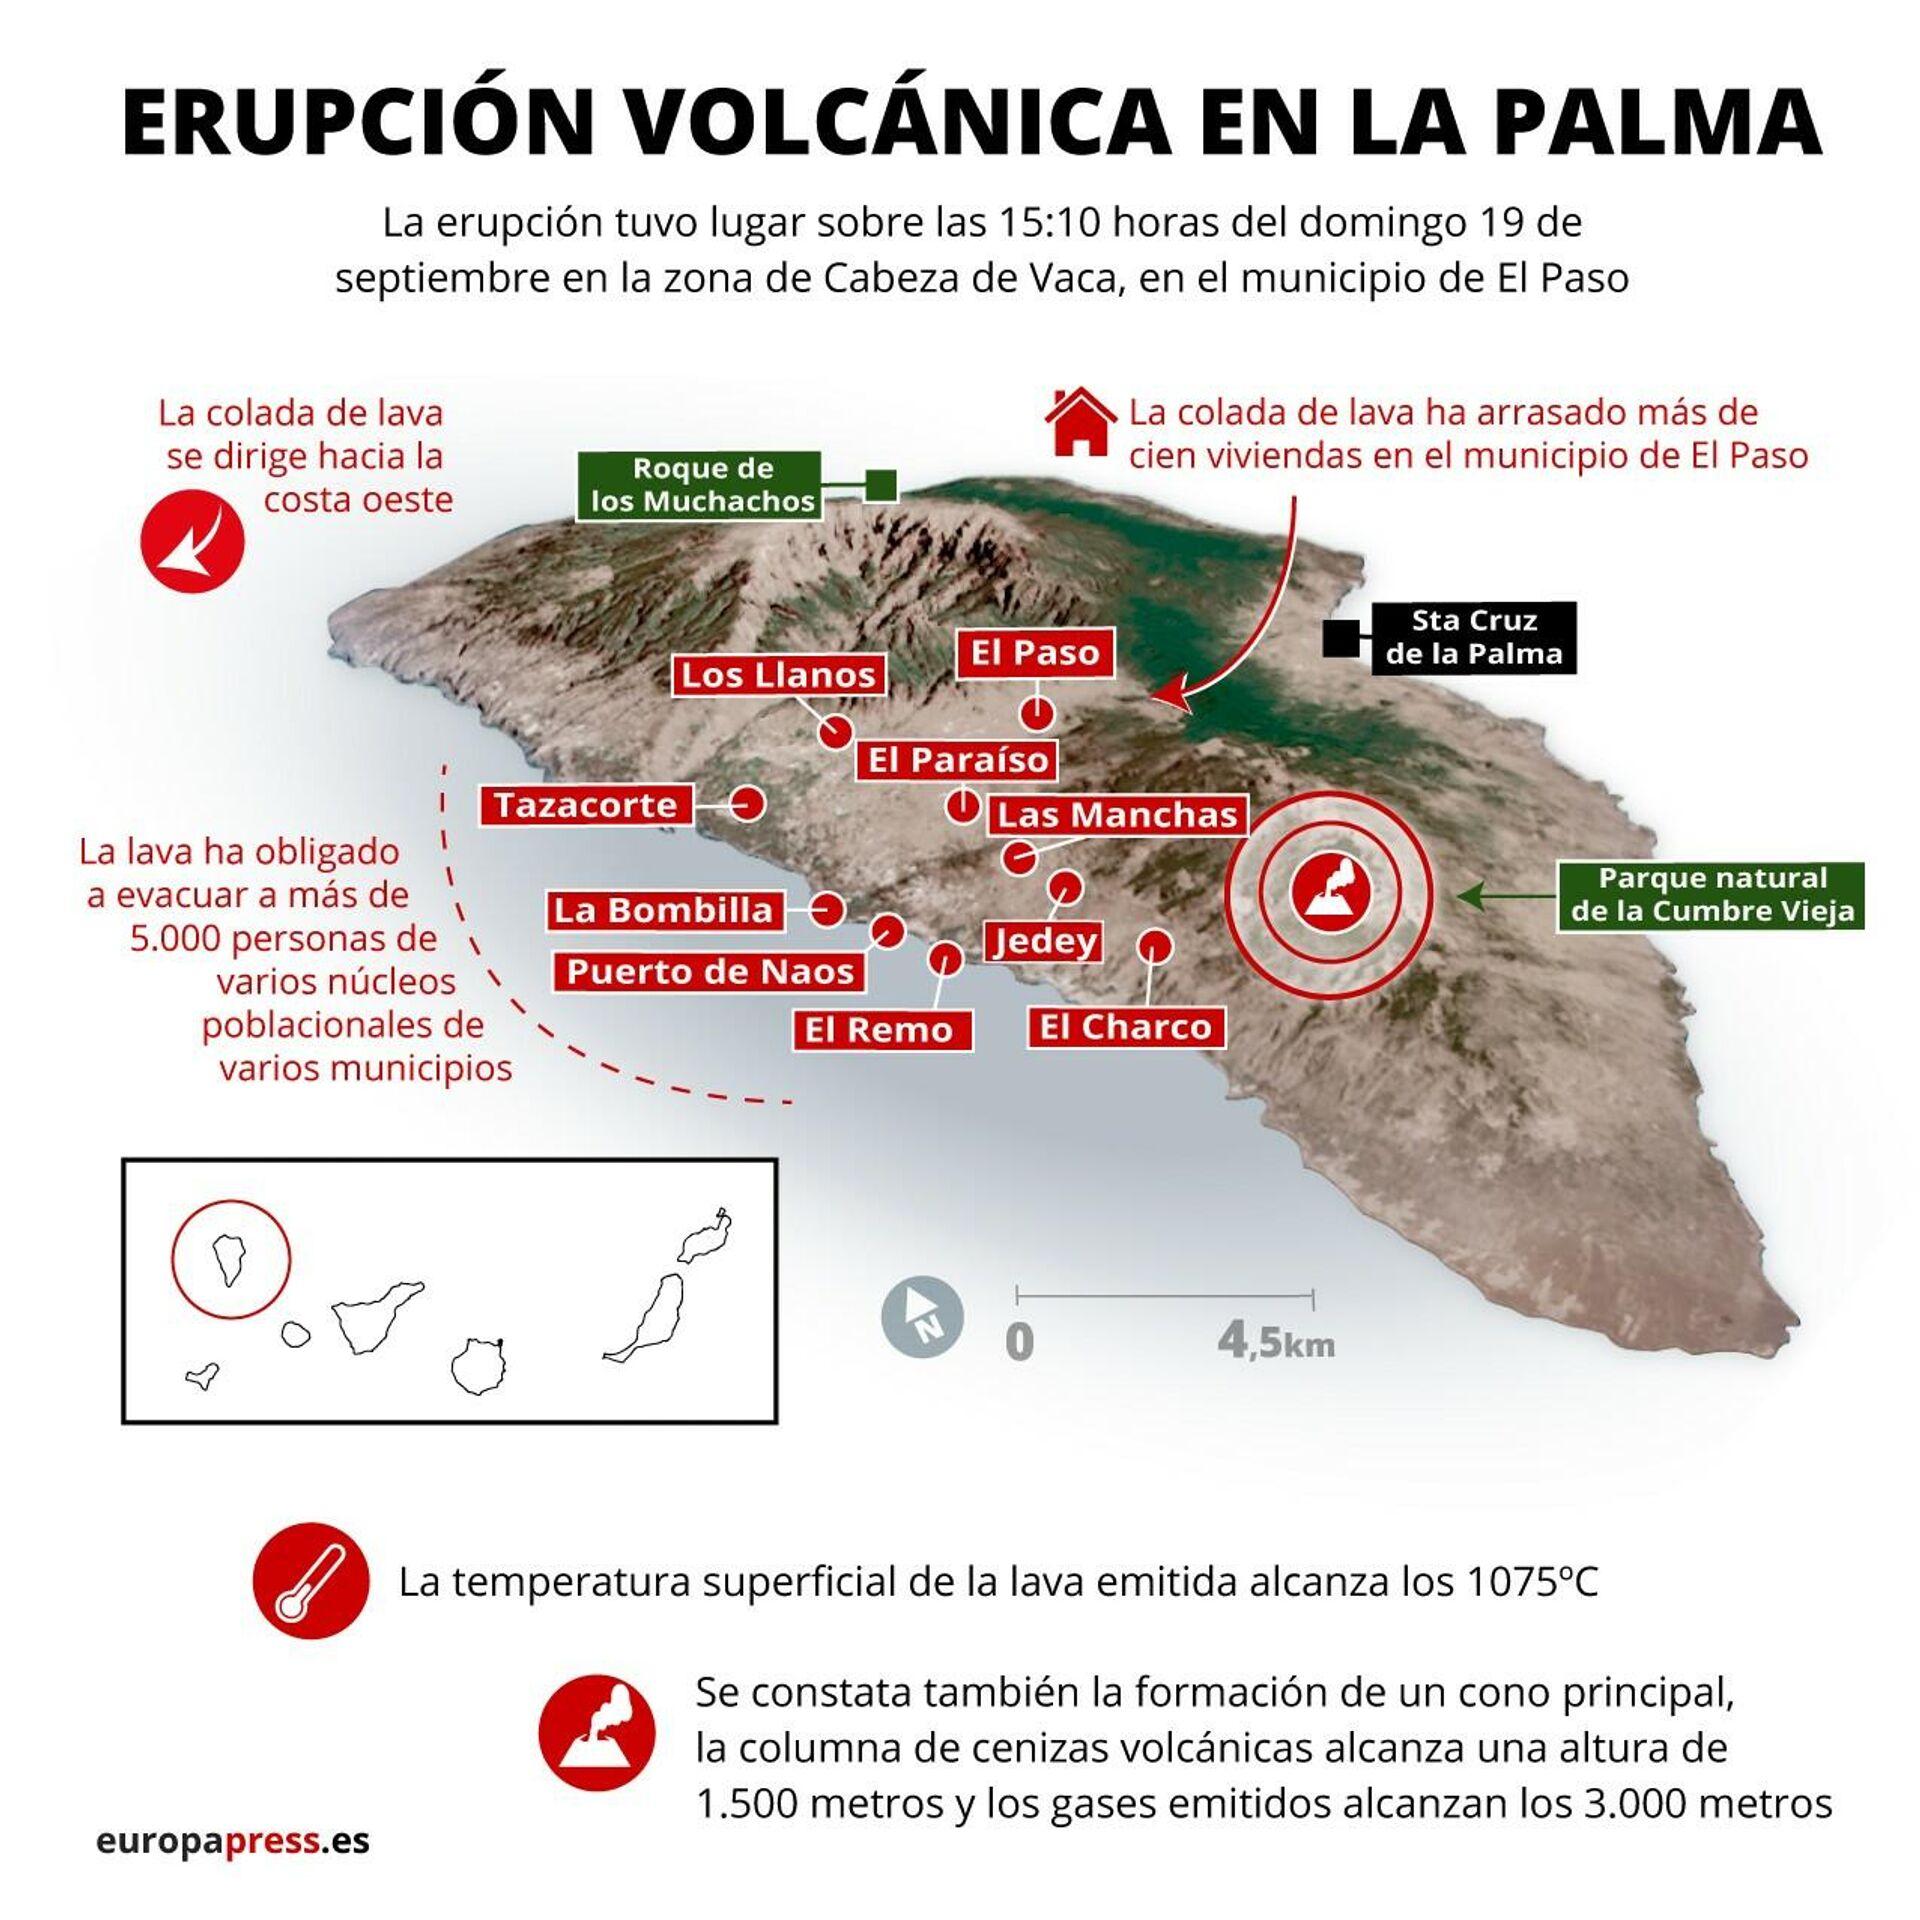 Infografía con localización y datos de la erupción volcánica en La Palma, Canarias. - Sputnik Mundo, 1920, 20.09.2021